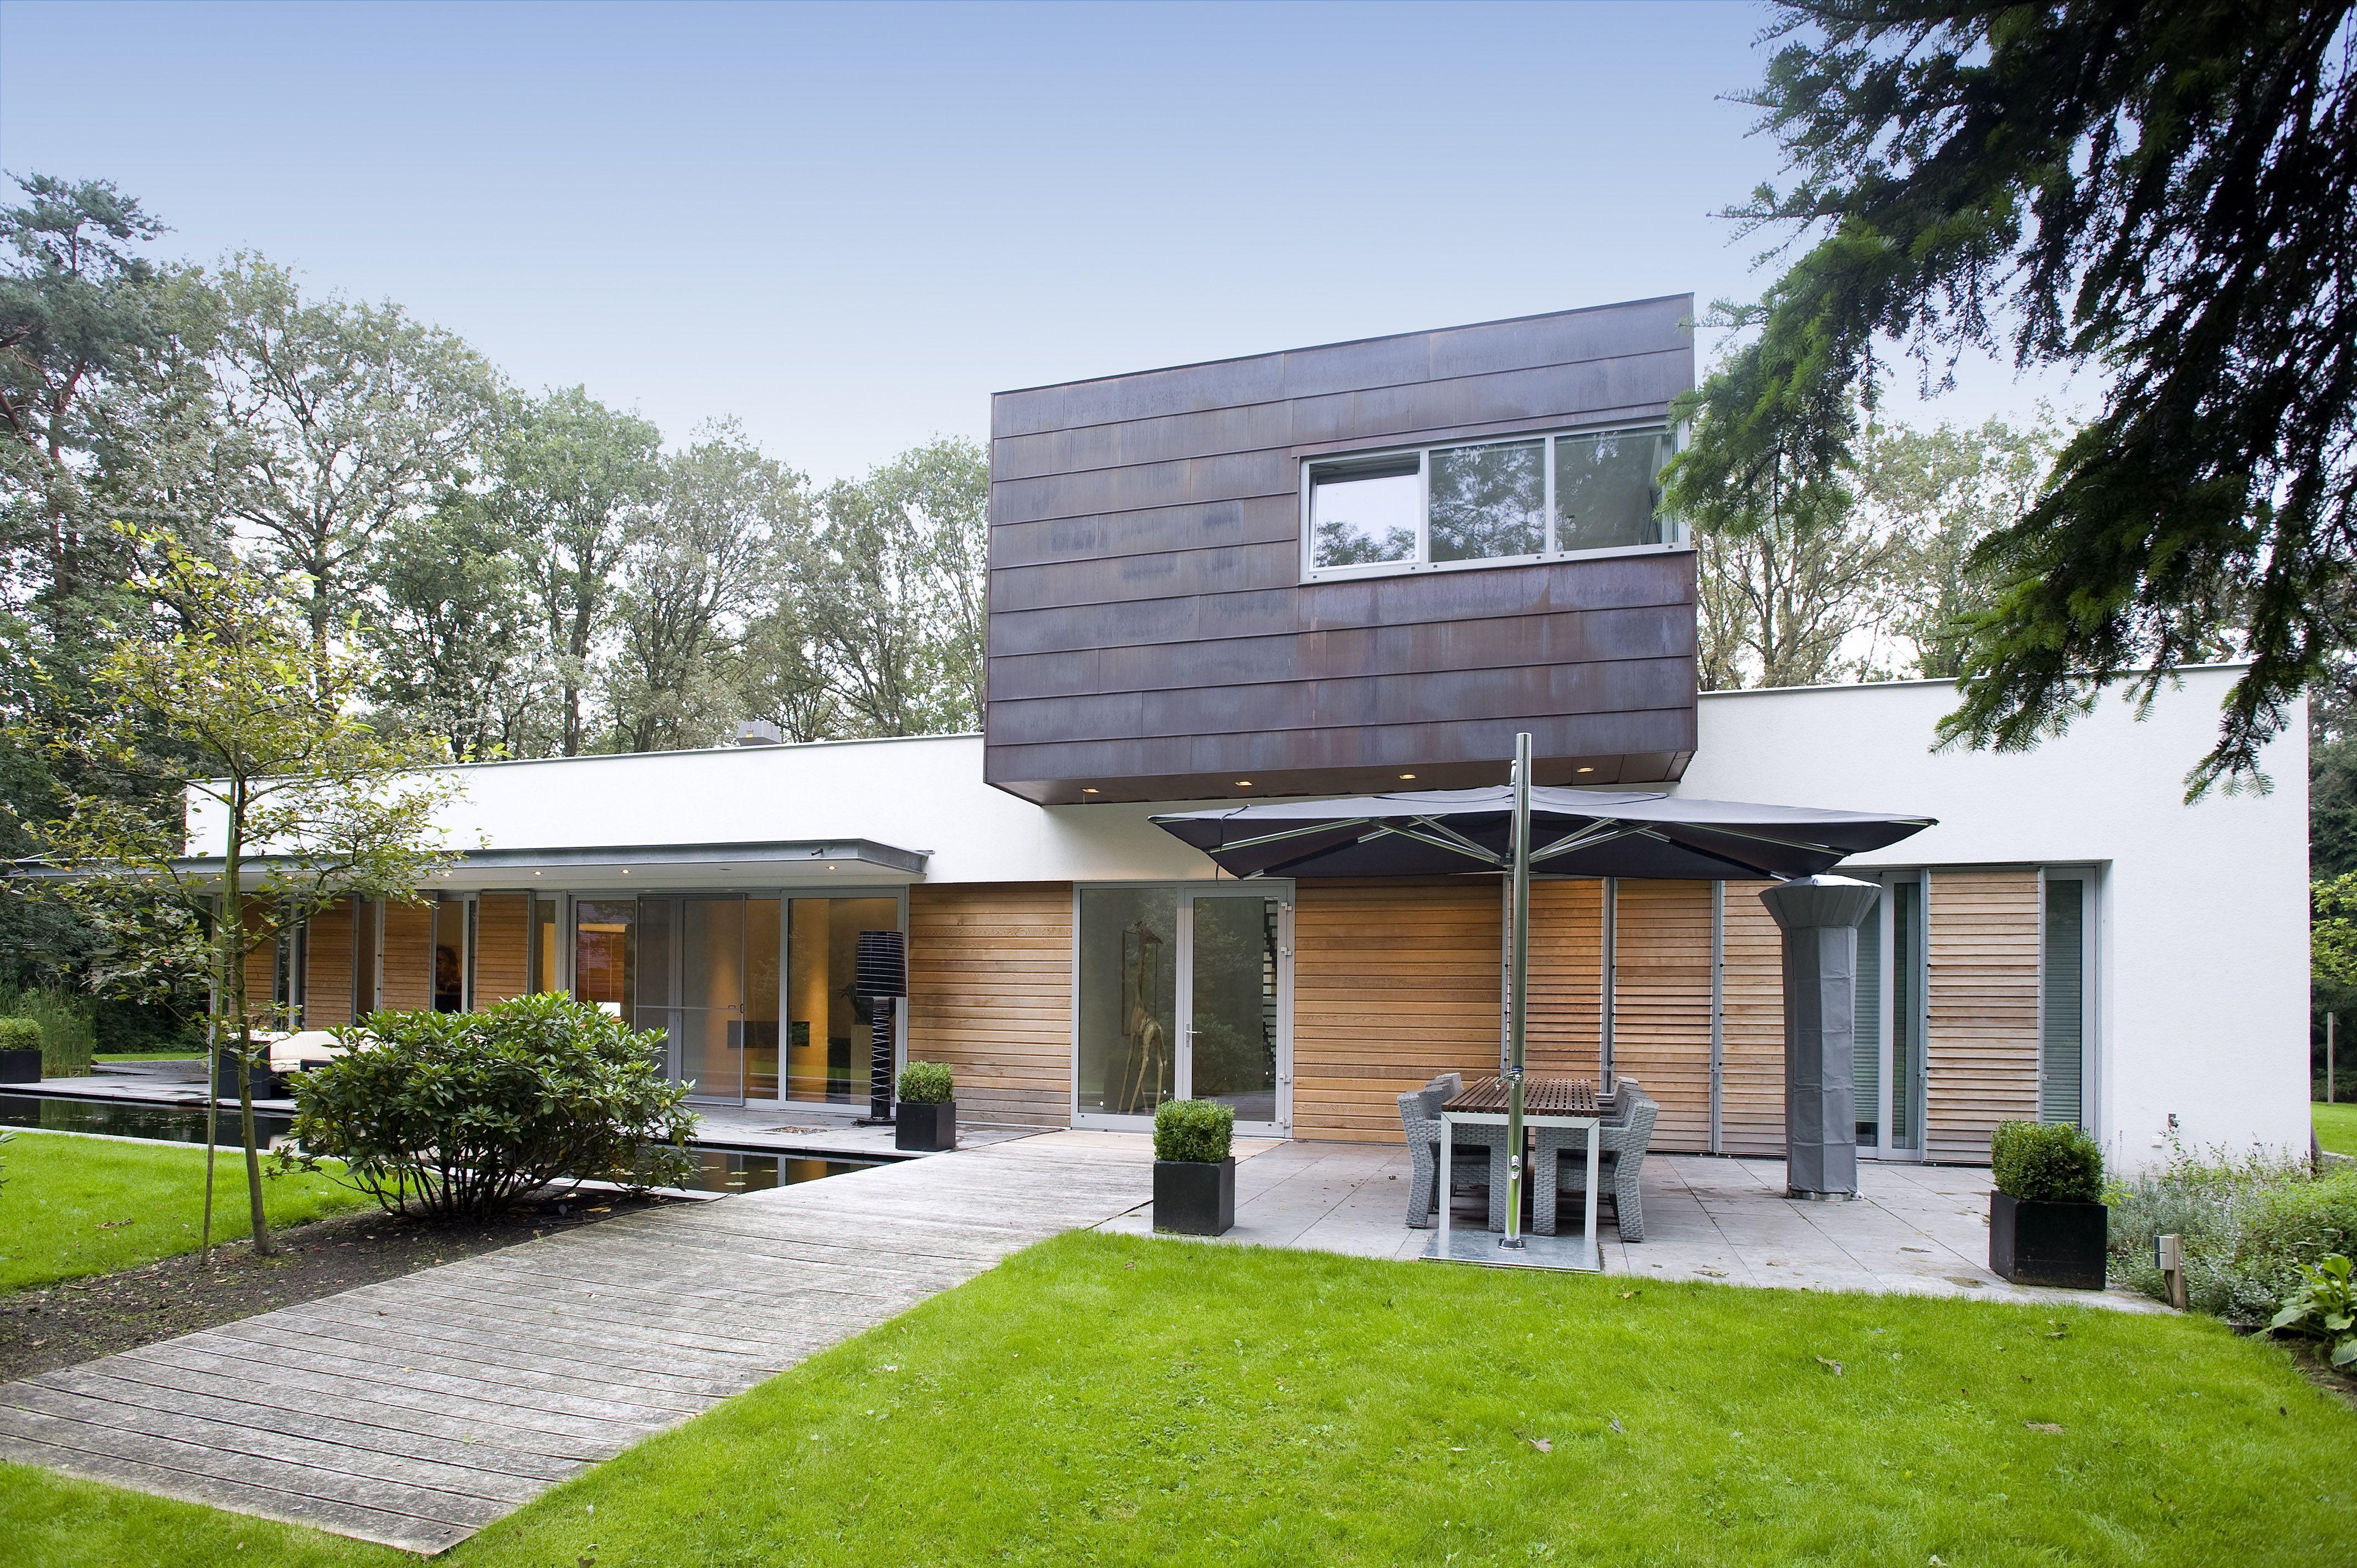 House white stucco, aluminum frames, tinted zinc coated